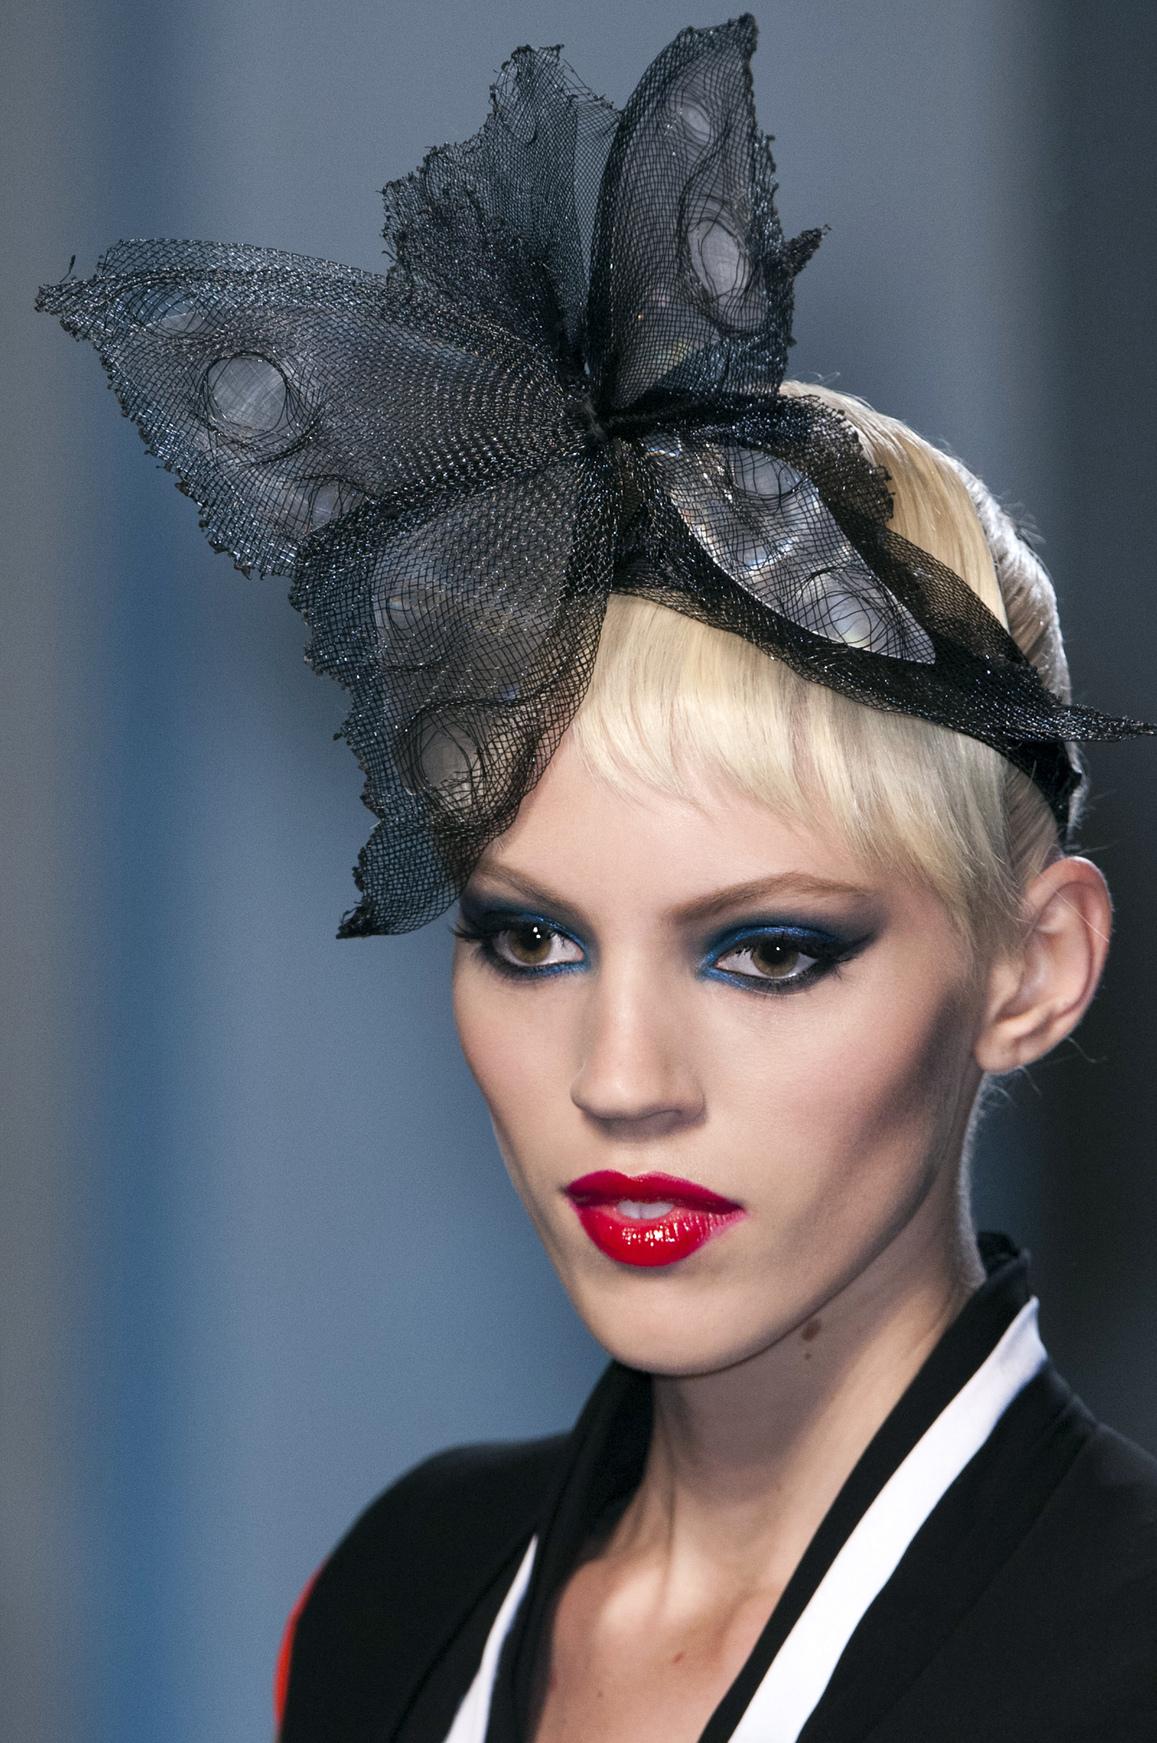 Jean Paul Gaultier hair accessory